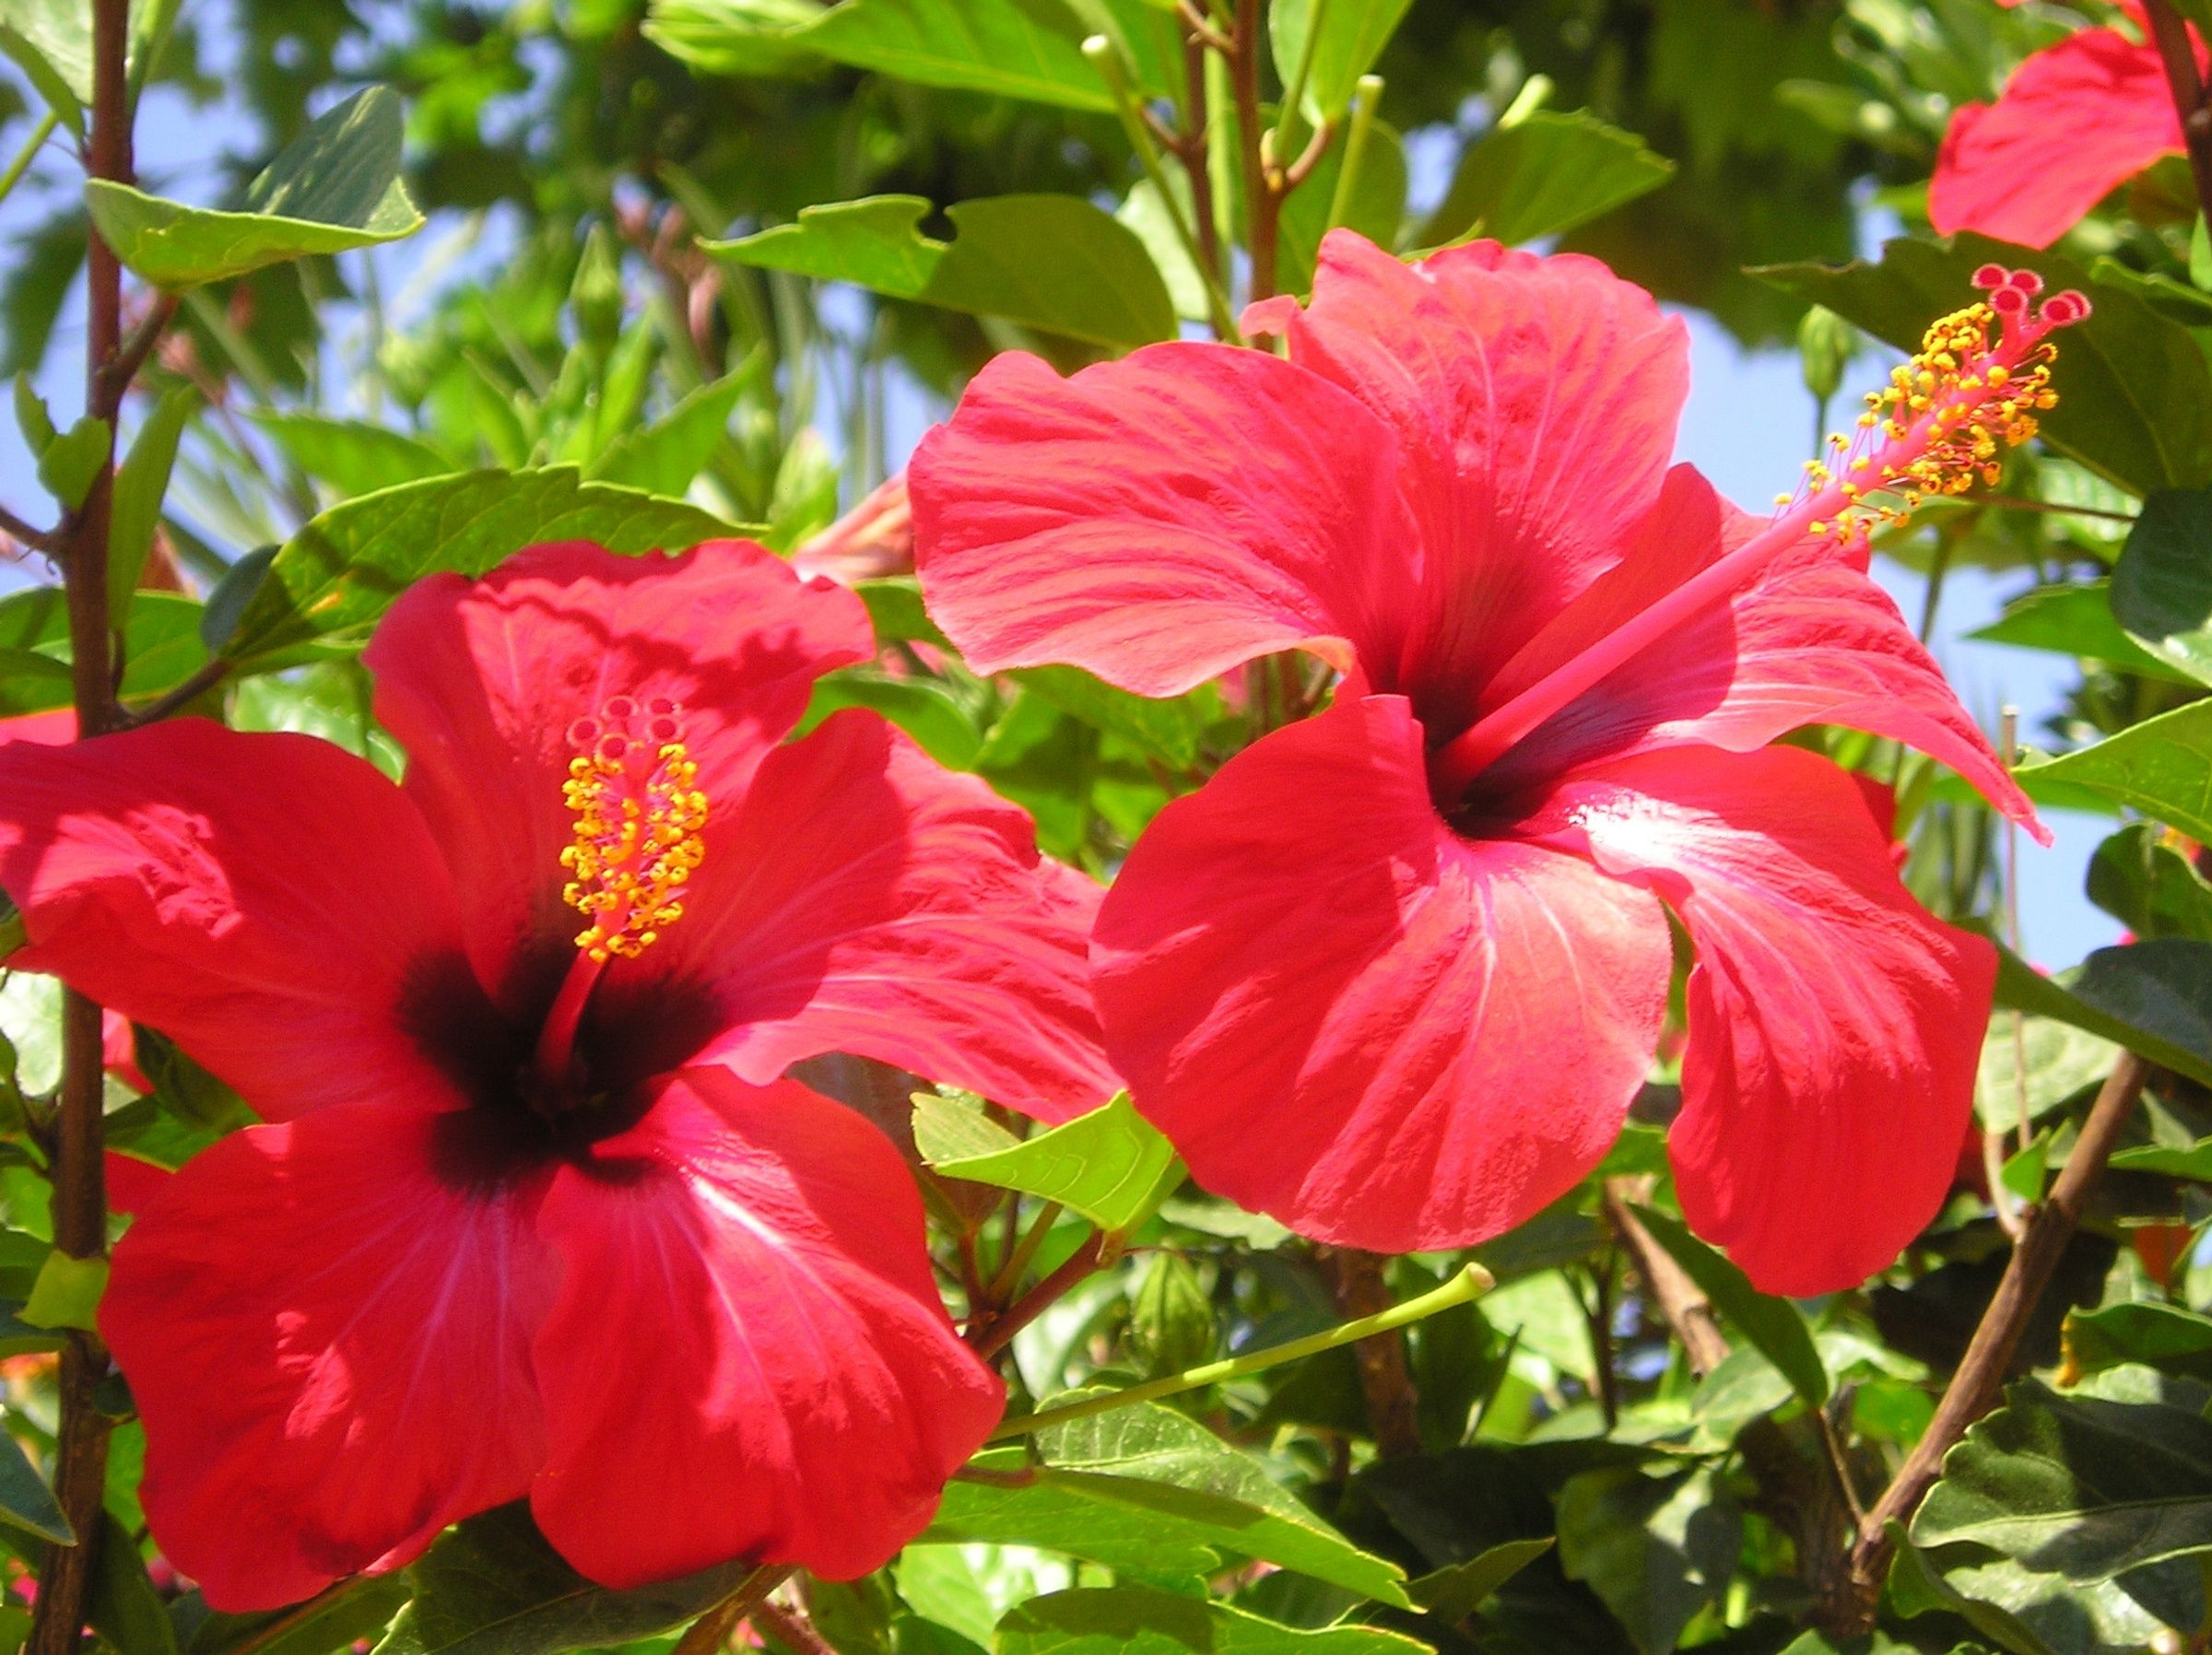 origines et particularit s de l 39 hibiscus l 39 hibiscus est un arbuste fleurs originaire d 39 asie. Black Bedroom Furniture Sets. Home Design Ideas